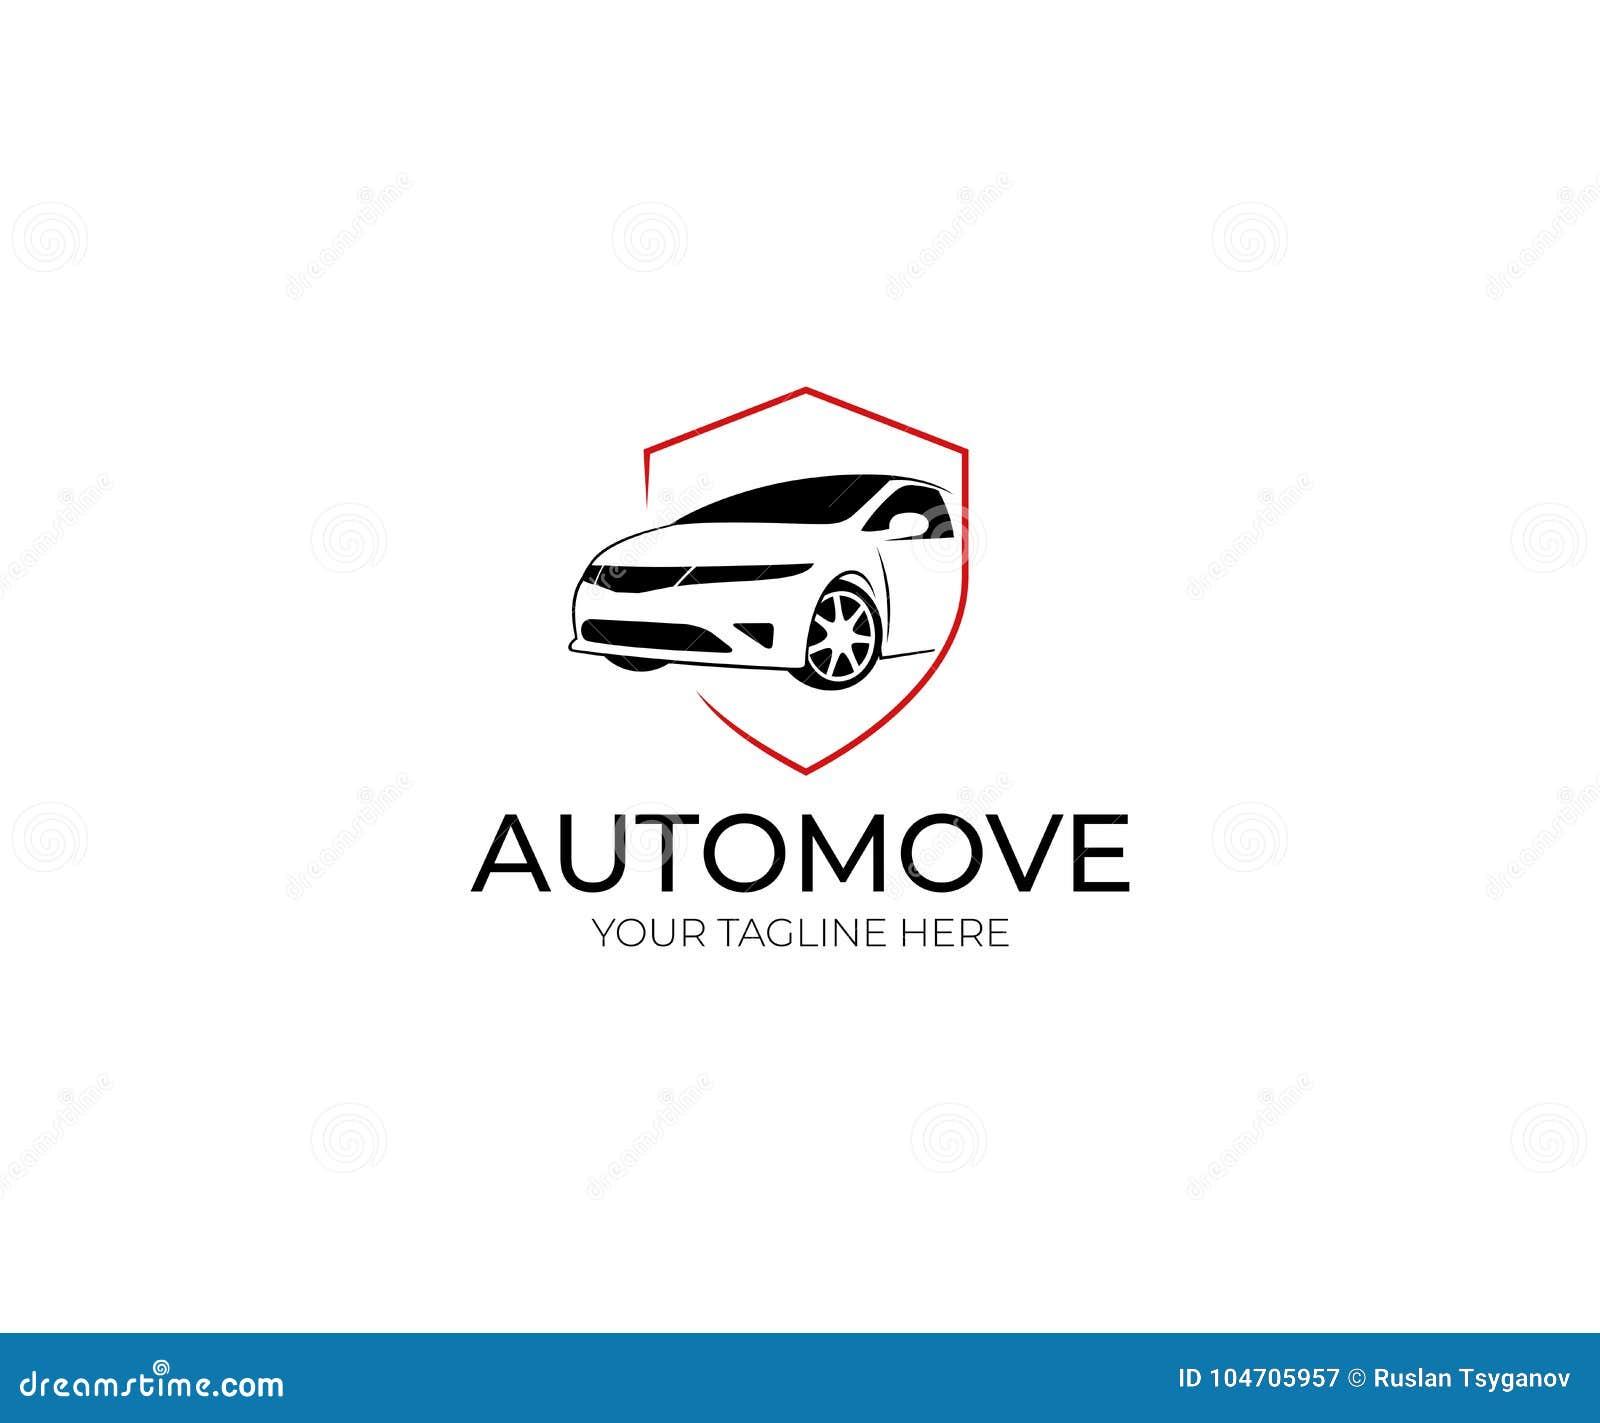 Car And Shield Logo Template. Automobile Vector Design Stock Vector ...